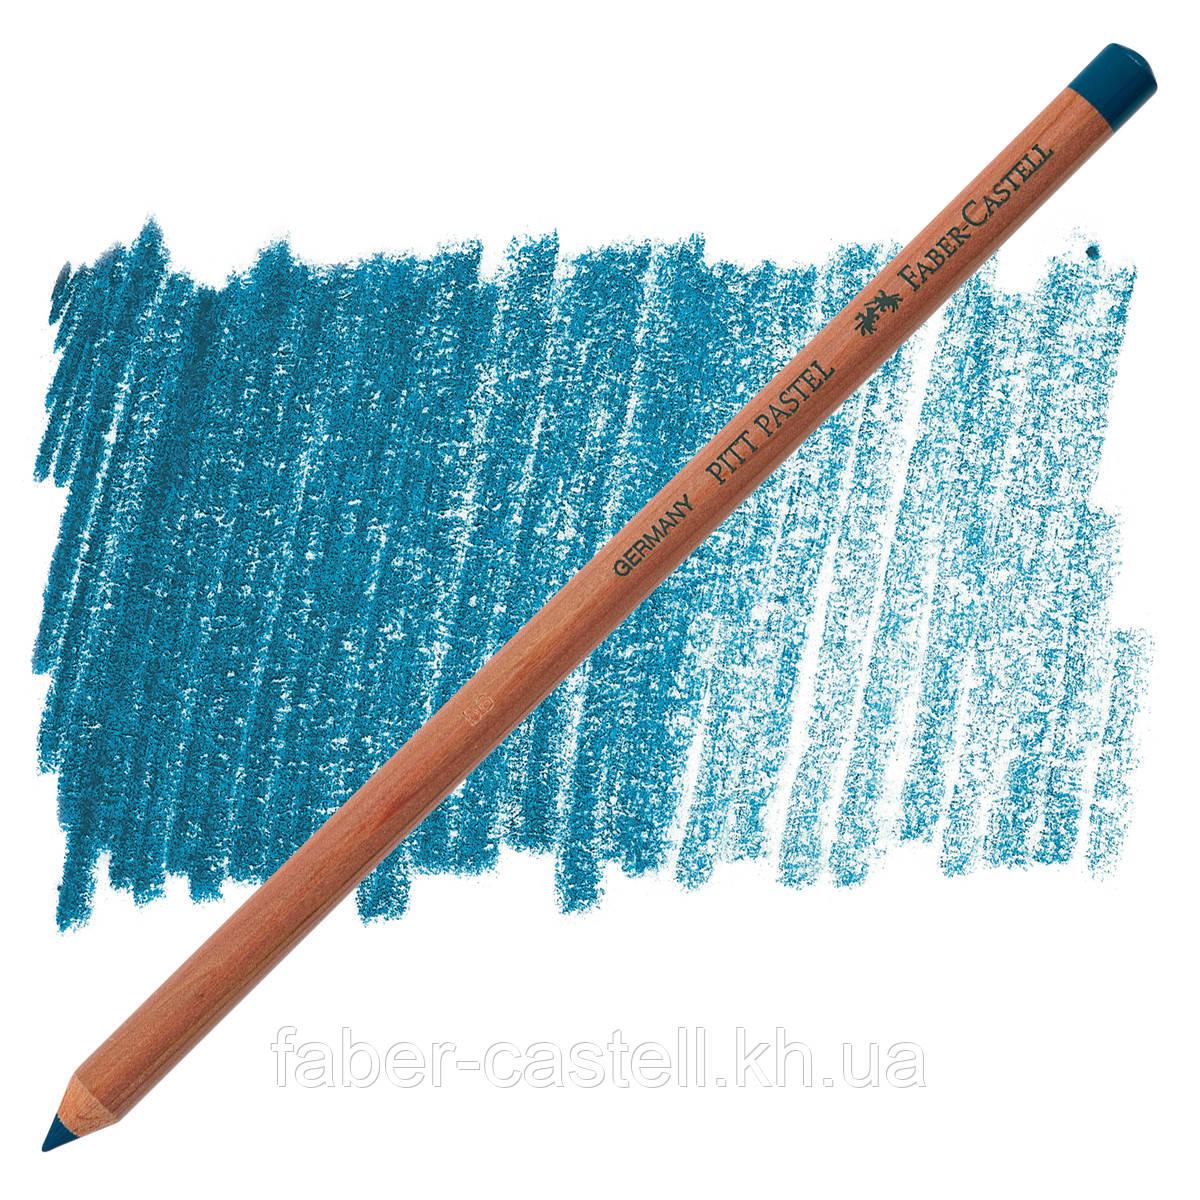 Карандаш пастельный Faber-Castell PITT гелио-бирюзовый  ( pastel helio turquise) № 155, 112255